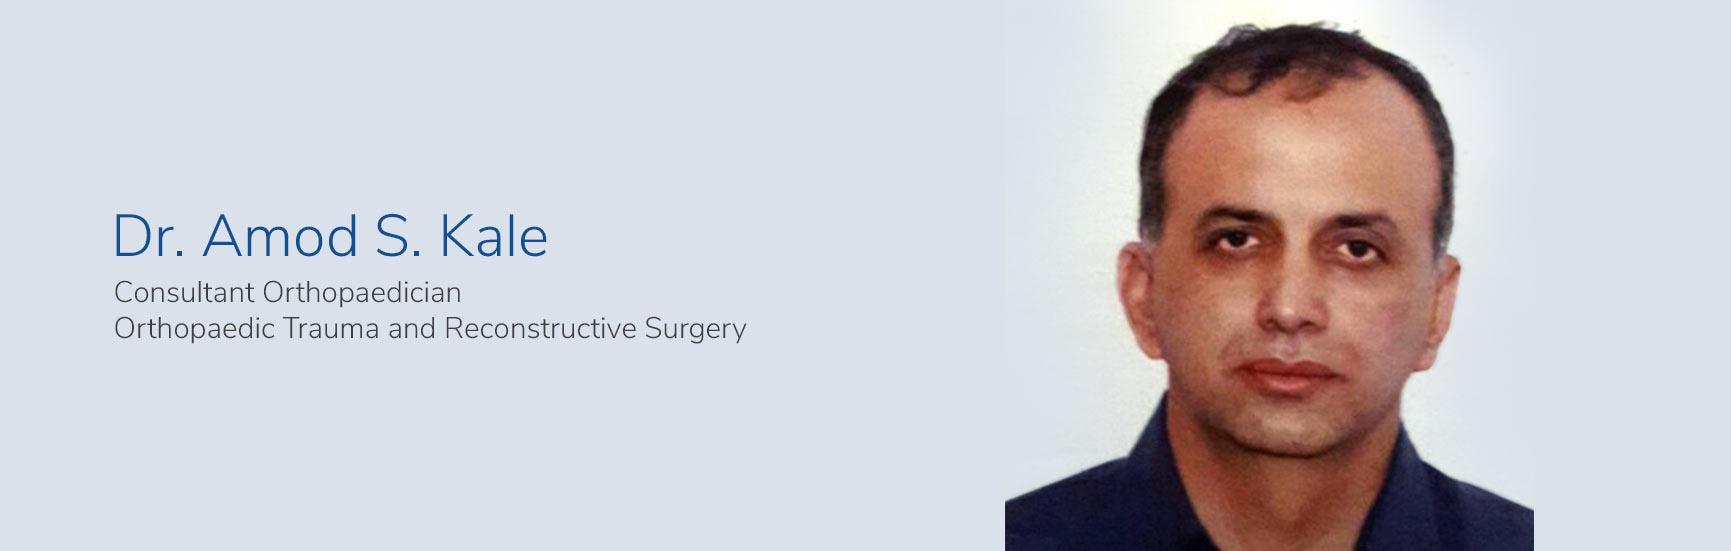 Dr. Amod S. Kale